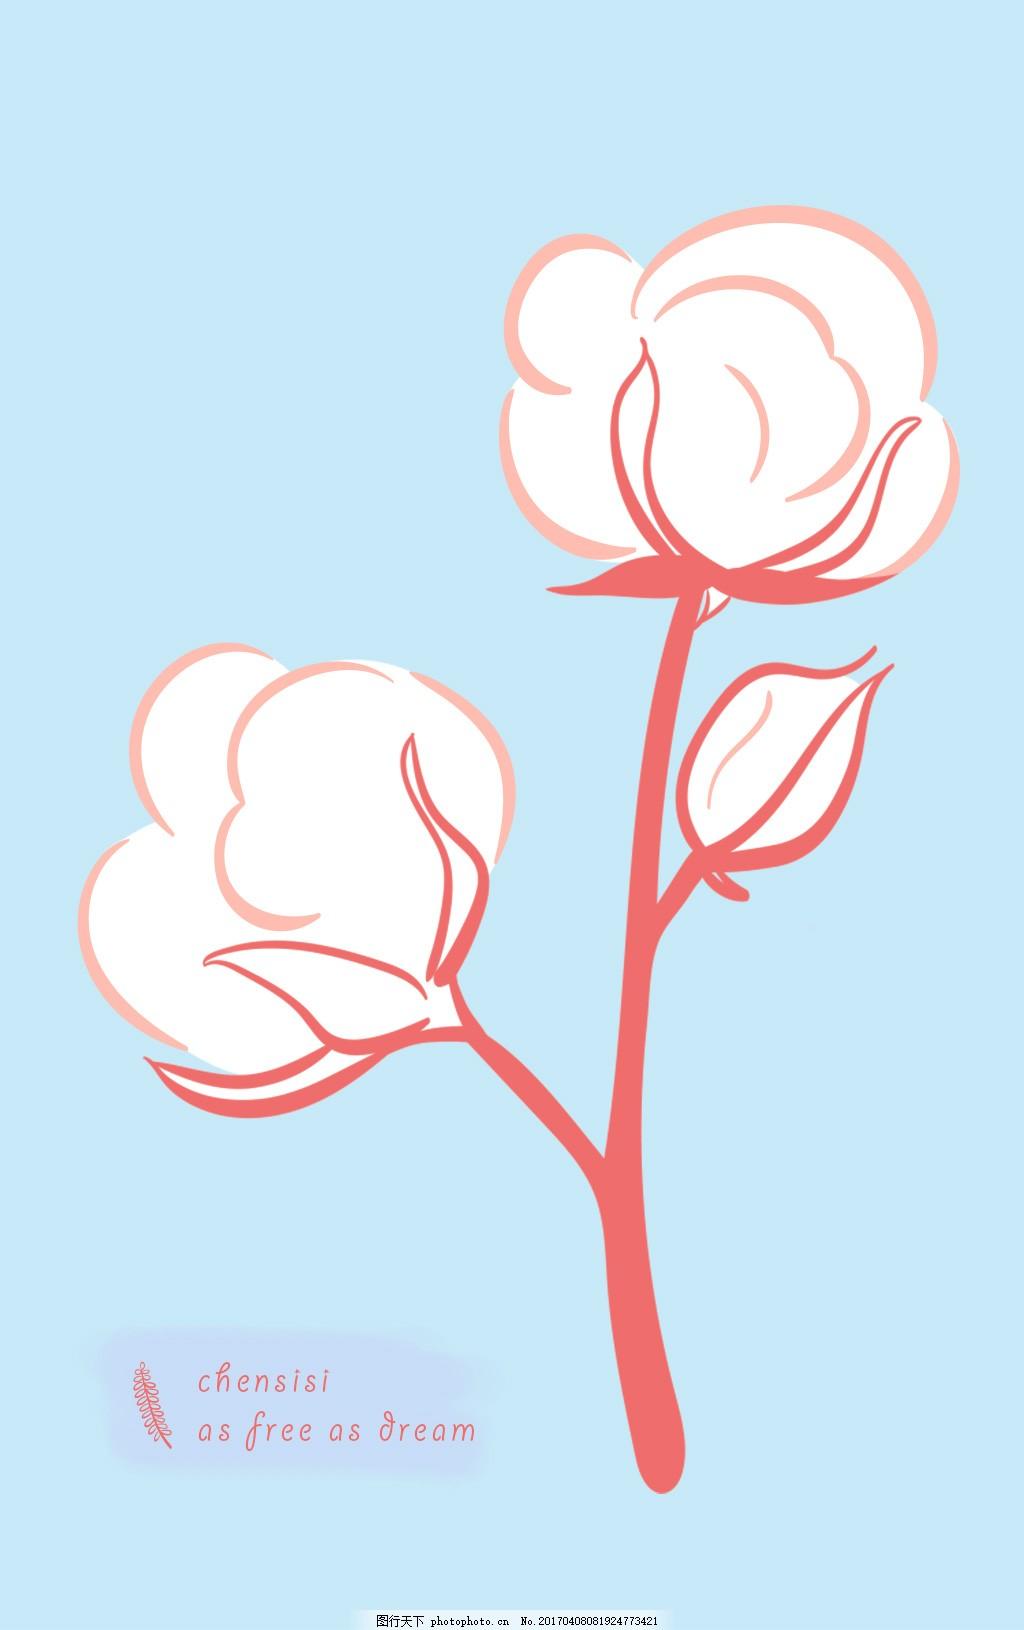 棉花插画手机壁纸 手机壁纸 插画 棉花插画 棉花卡通 手绘高清植物 小